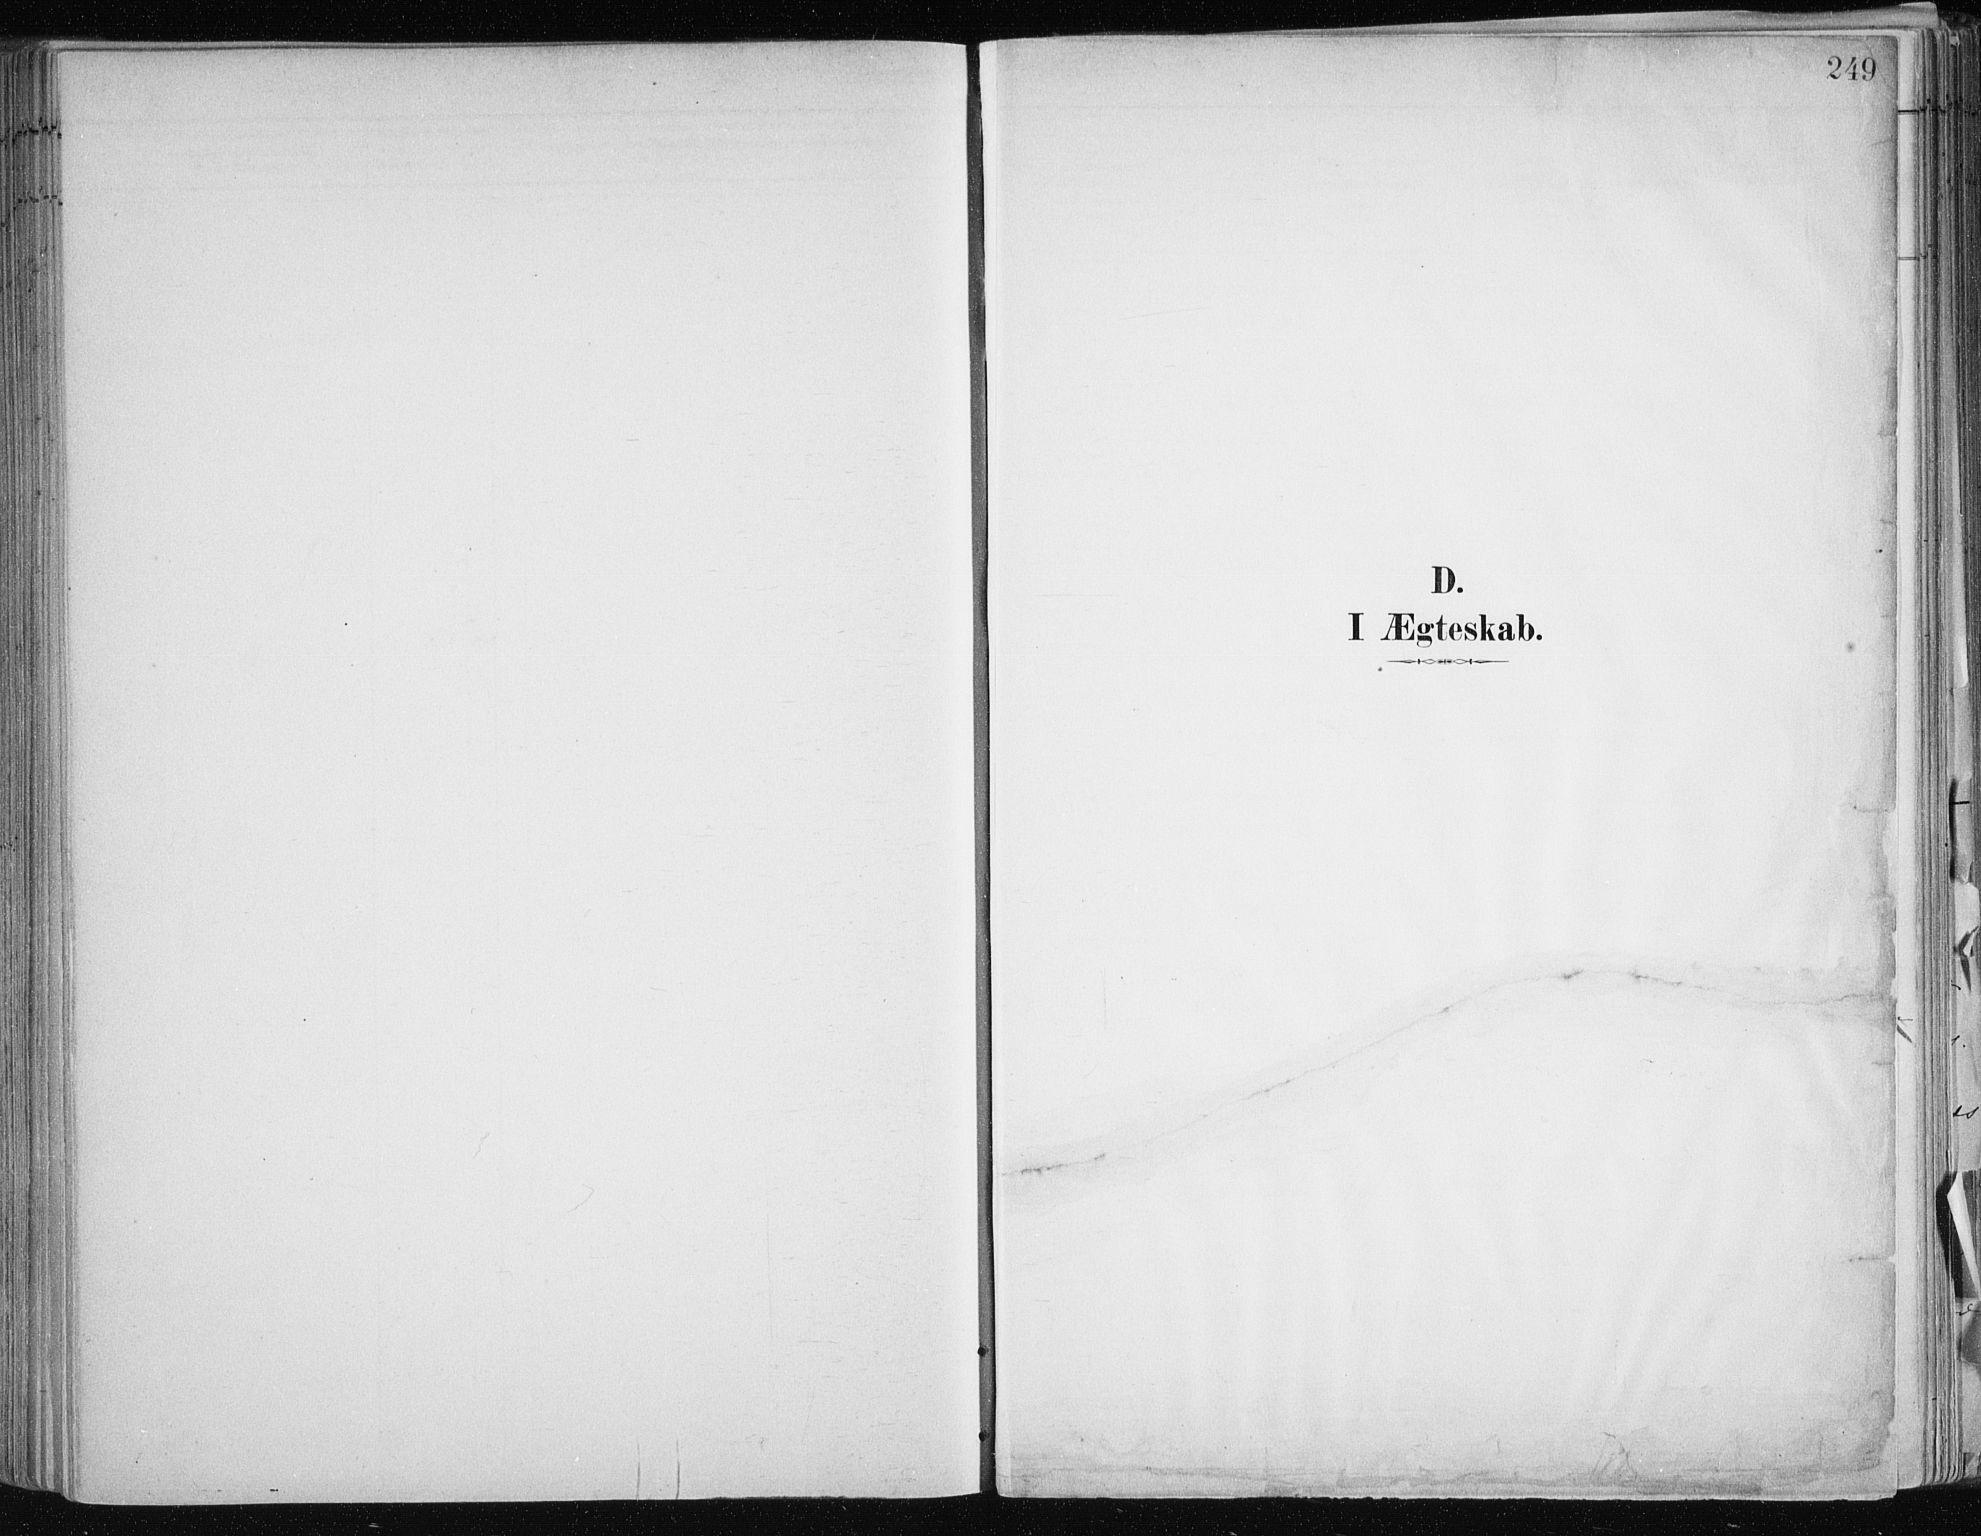 SATØ, Tromsøysund sokneprestkontor, G/Ga/L0005kirke: Parish register (official) no. 5, 1888-1896, p. 249